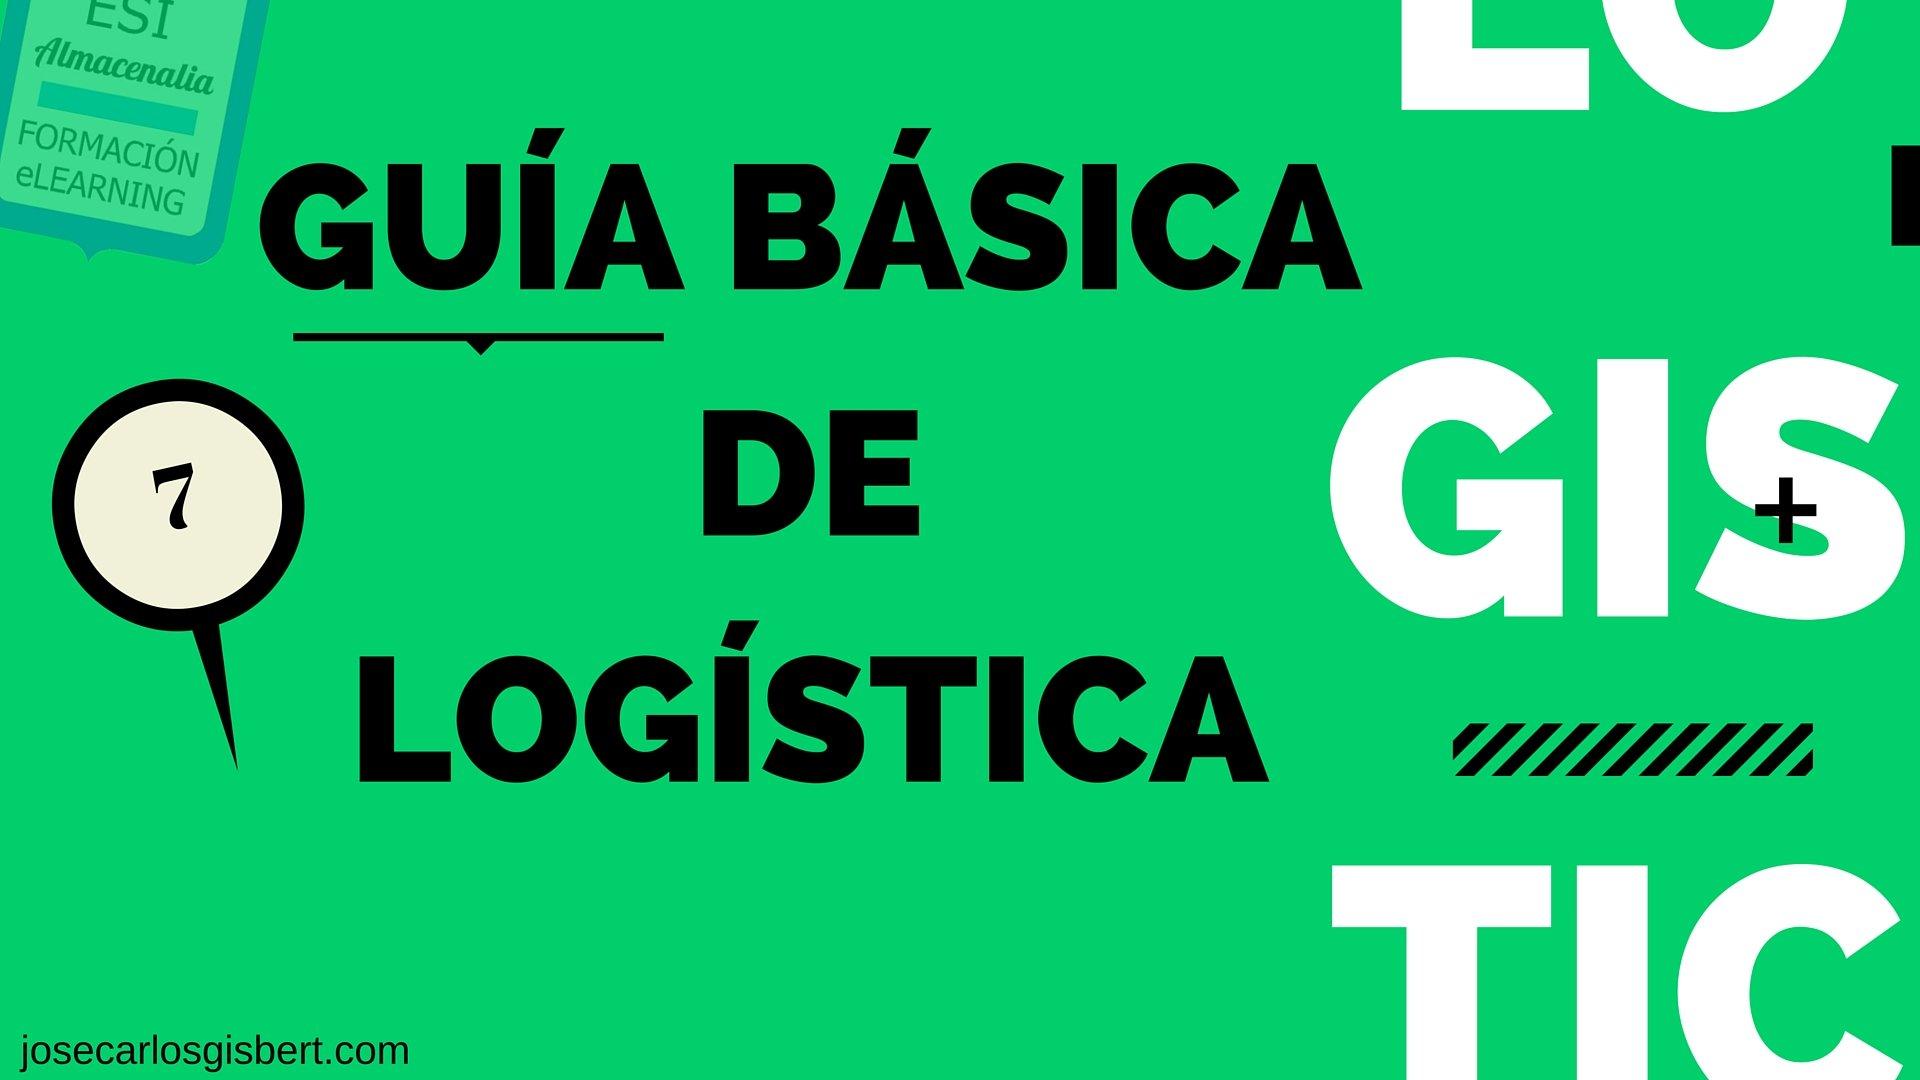 APROVISIONAMIENTO DE STOCKS. GUÍA DE LOGÍSTICA BÁSICA 7